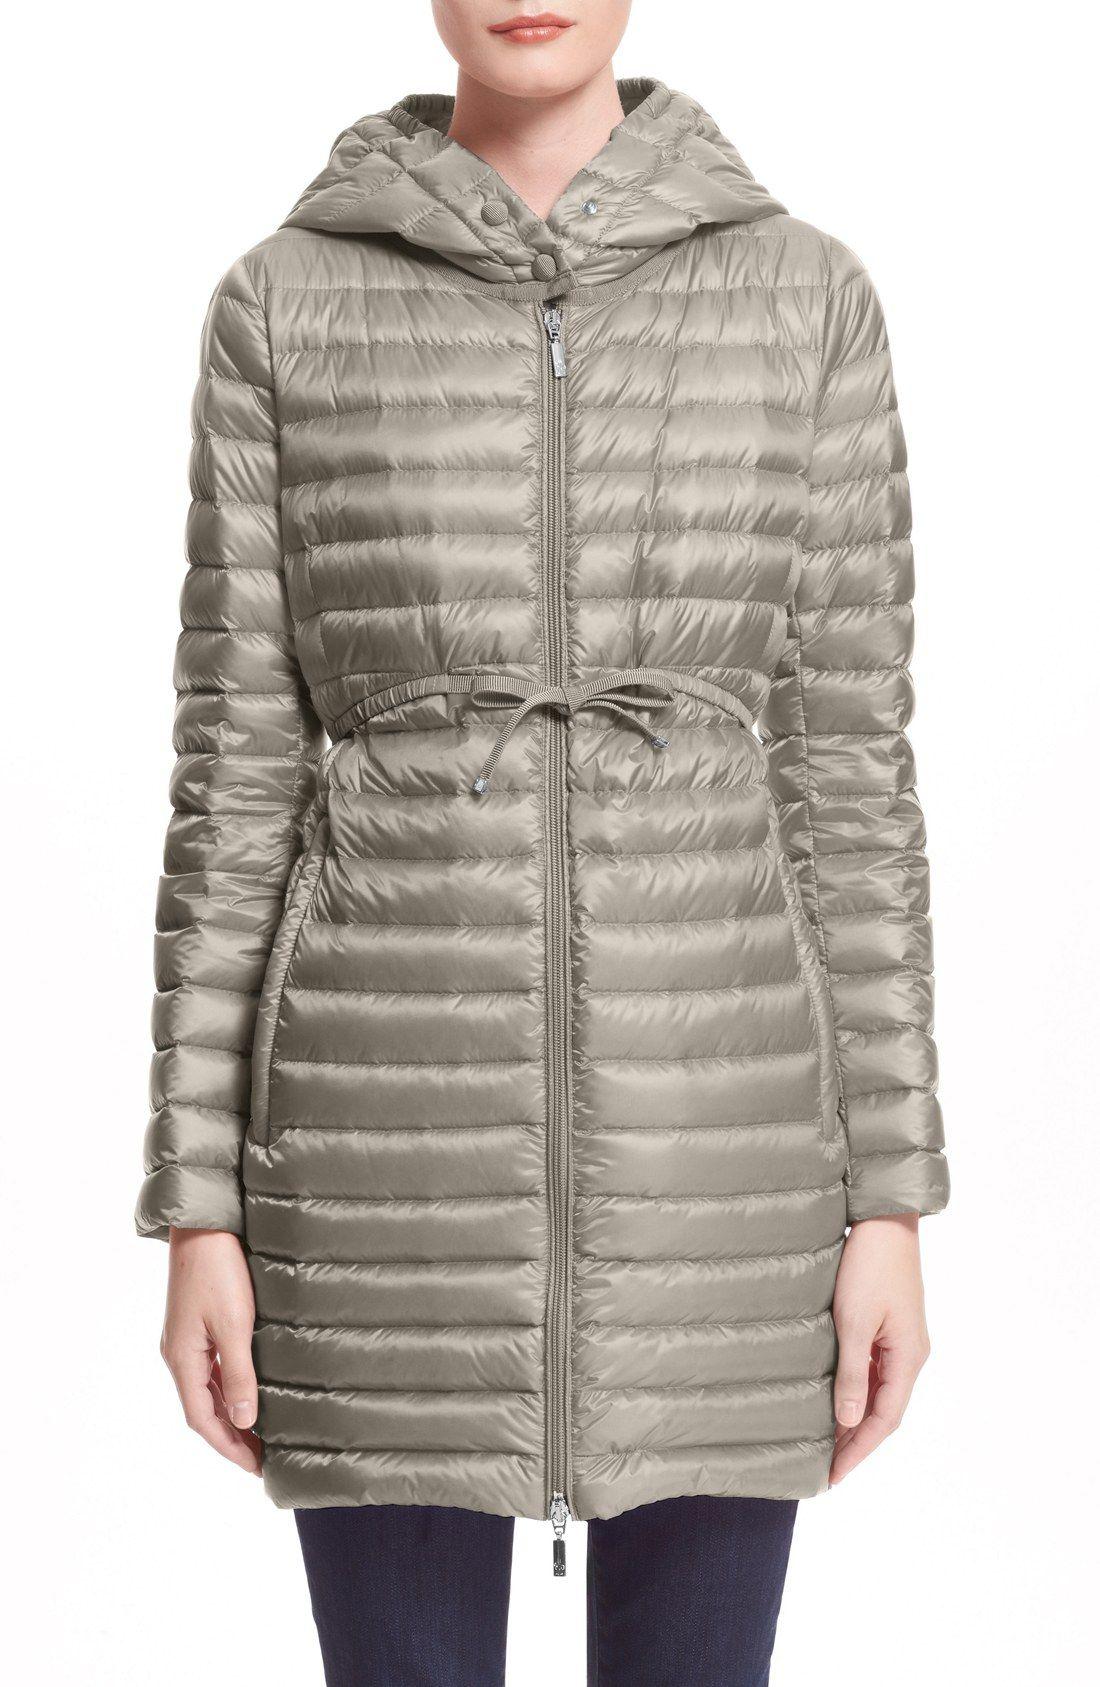 moncler barbel jacket reviews